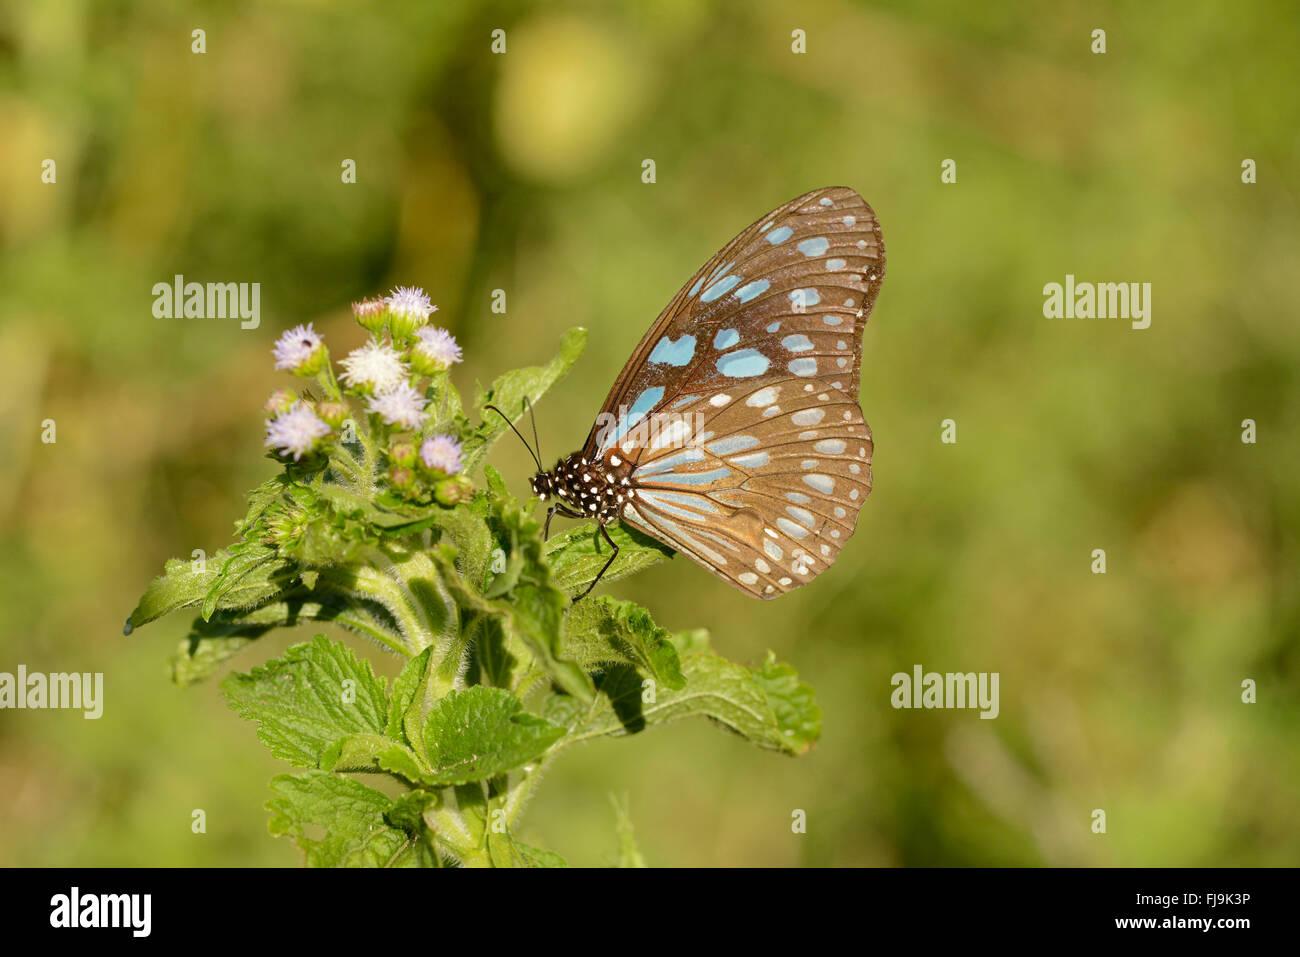 Tigre bleu de l'Afrique (Papillon Tirumala petiverana) adulte perché sur les montagnes de l'usine, Photo Stock